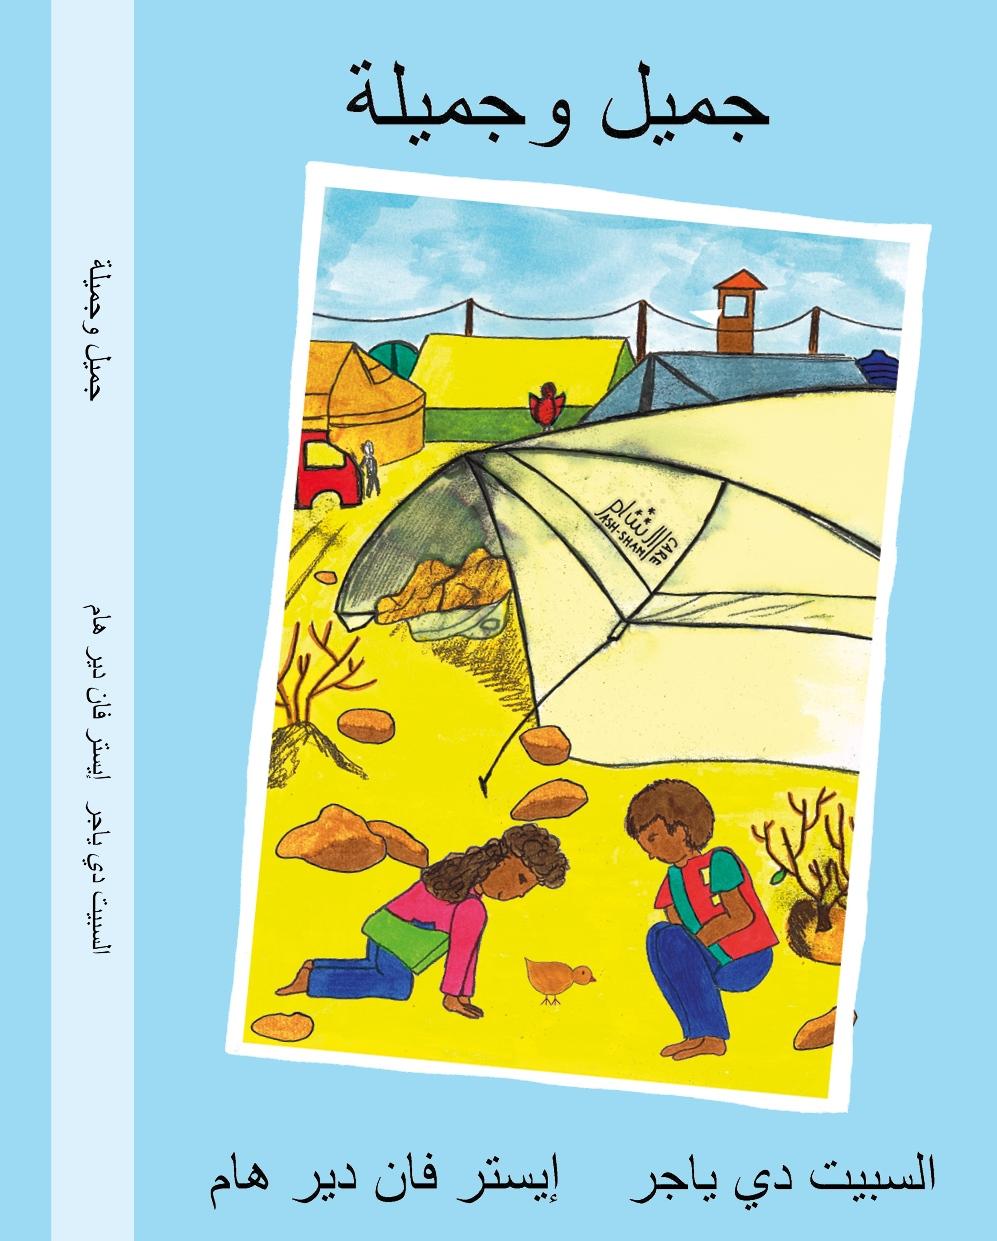 plaats Arabisch aan het lapdancen